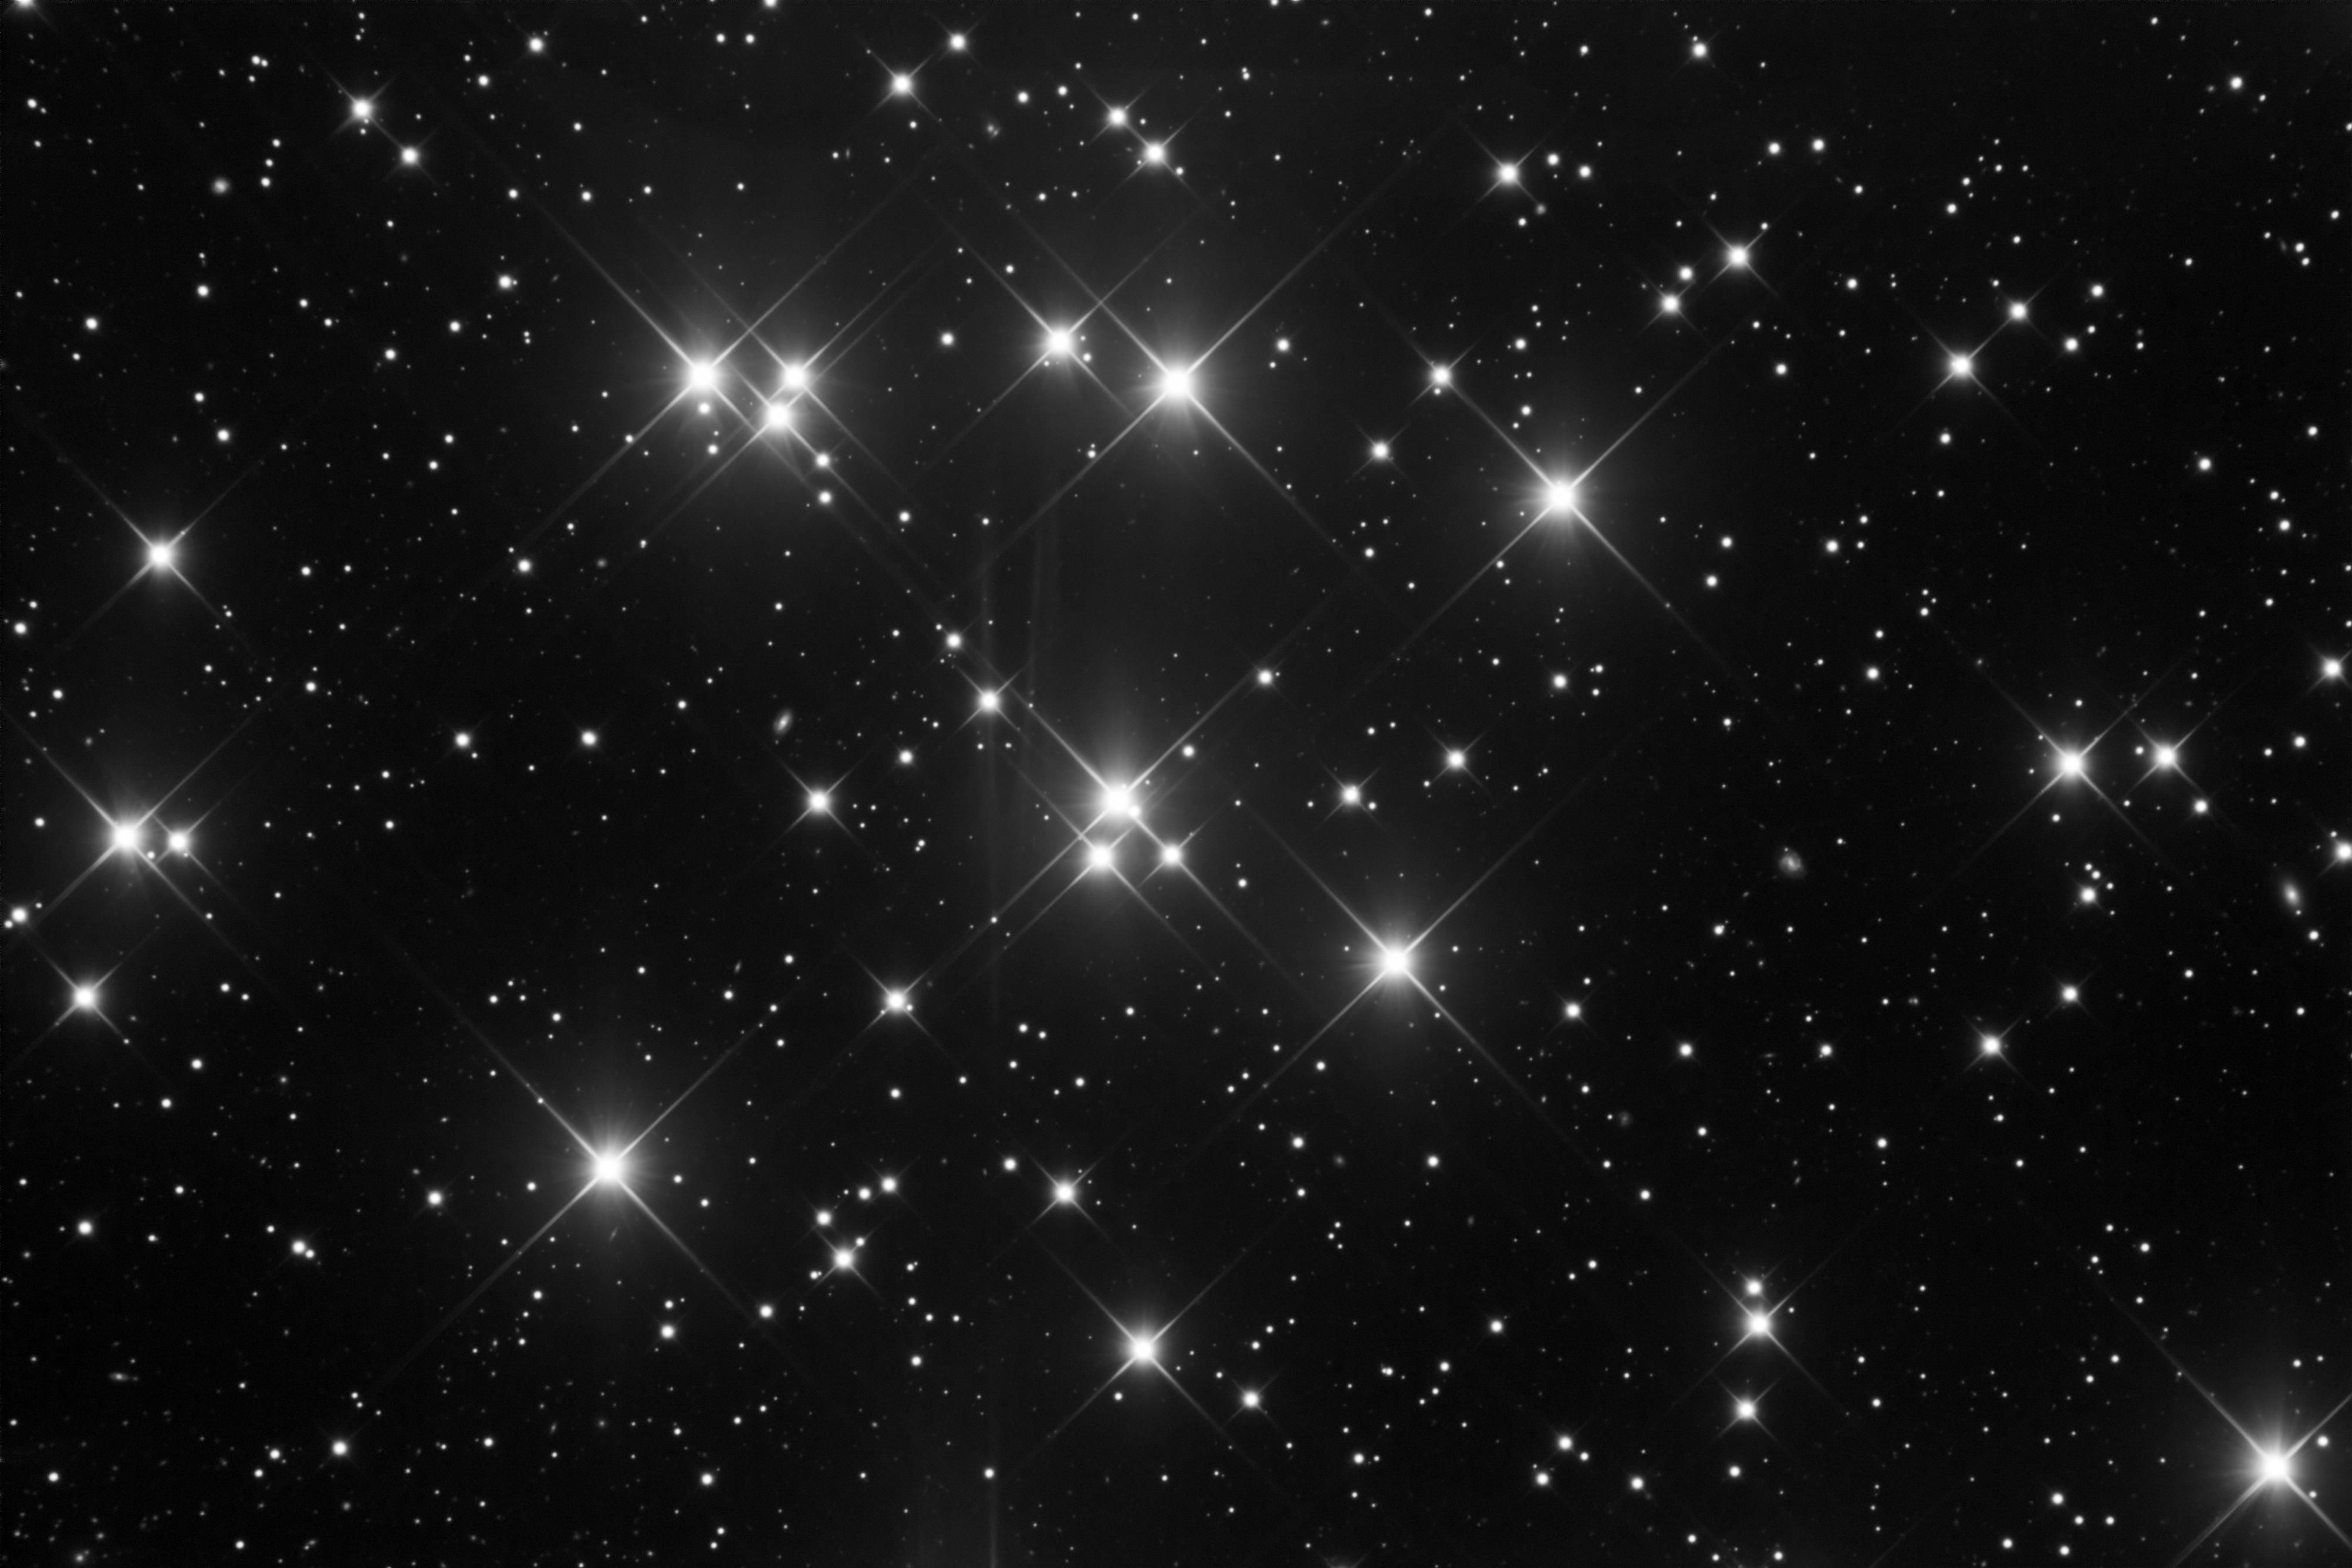 M44 The Beehive Cluster Praesepe